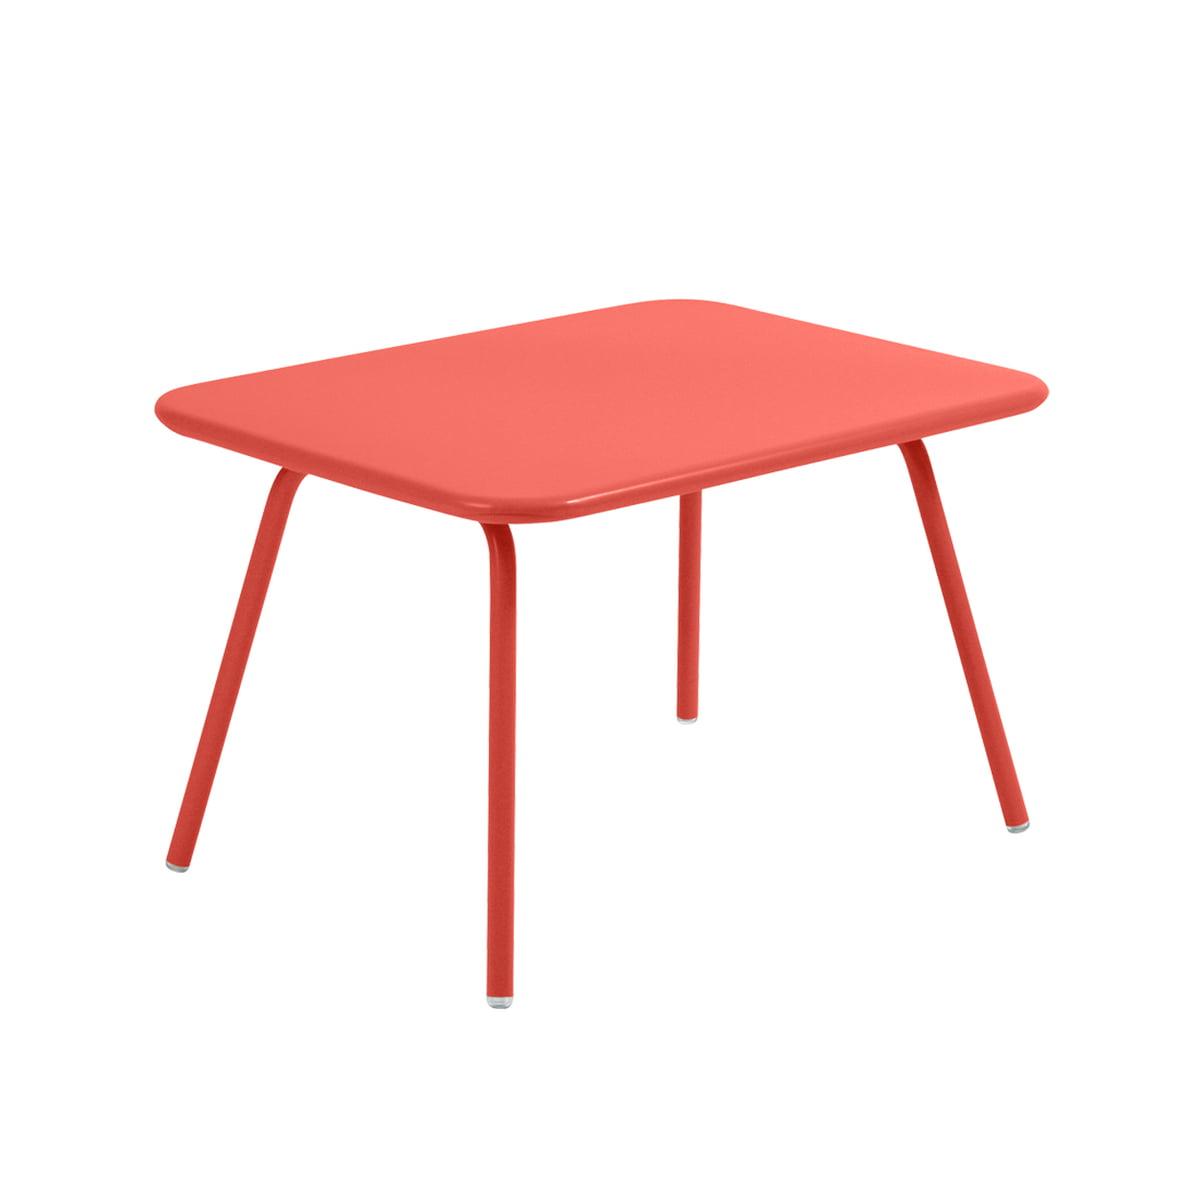 Fermob - Luxembourg Kid Kindertisch, capucine | Kinderzimmer > Kindertische > Spieltische | Rotorange | Stahlrohr -  stahlblech | fermob